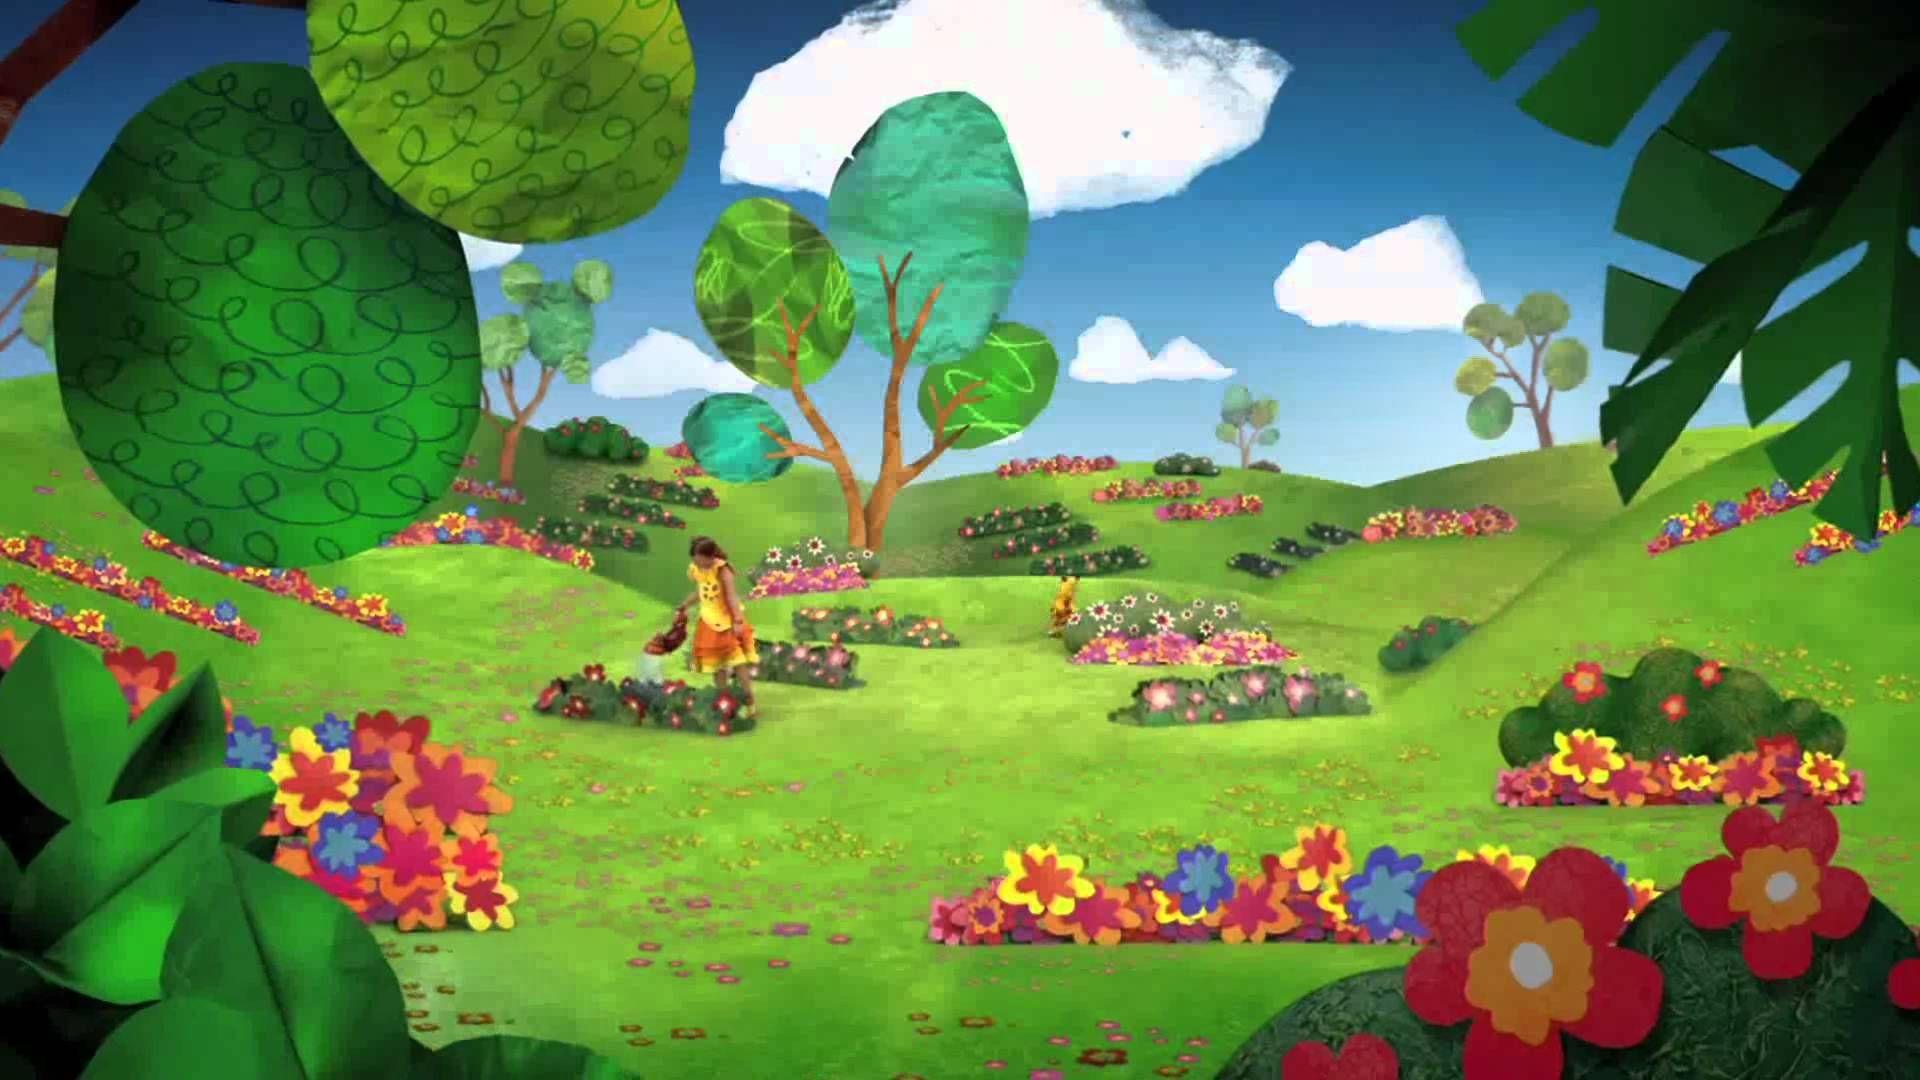 Jardin con flores dibujo cerca amb google anna 15 16 for Google jardin